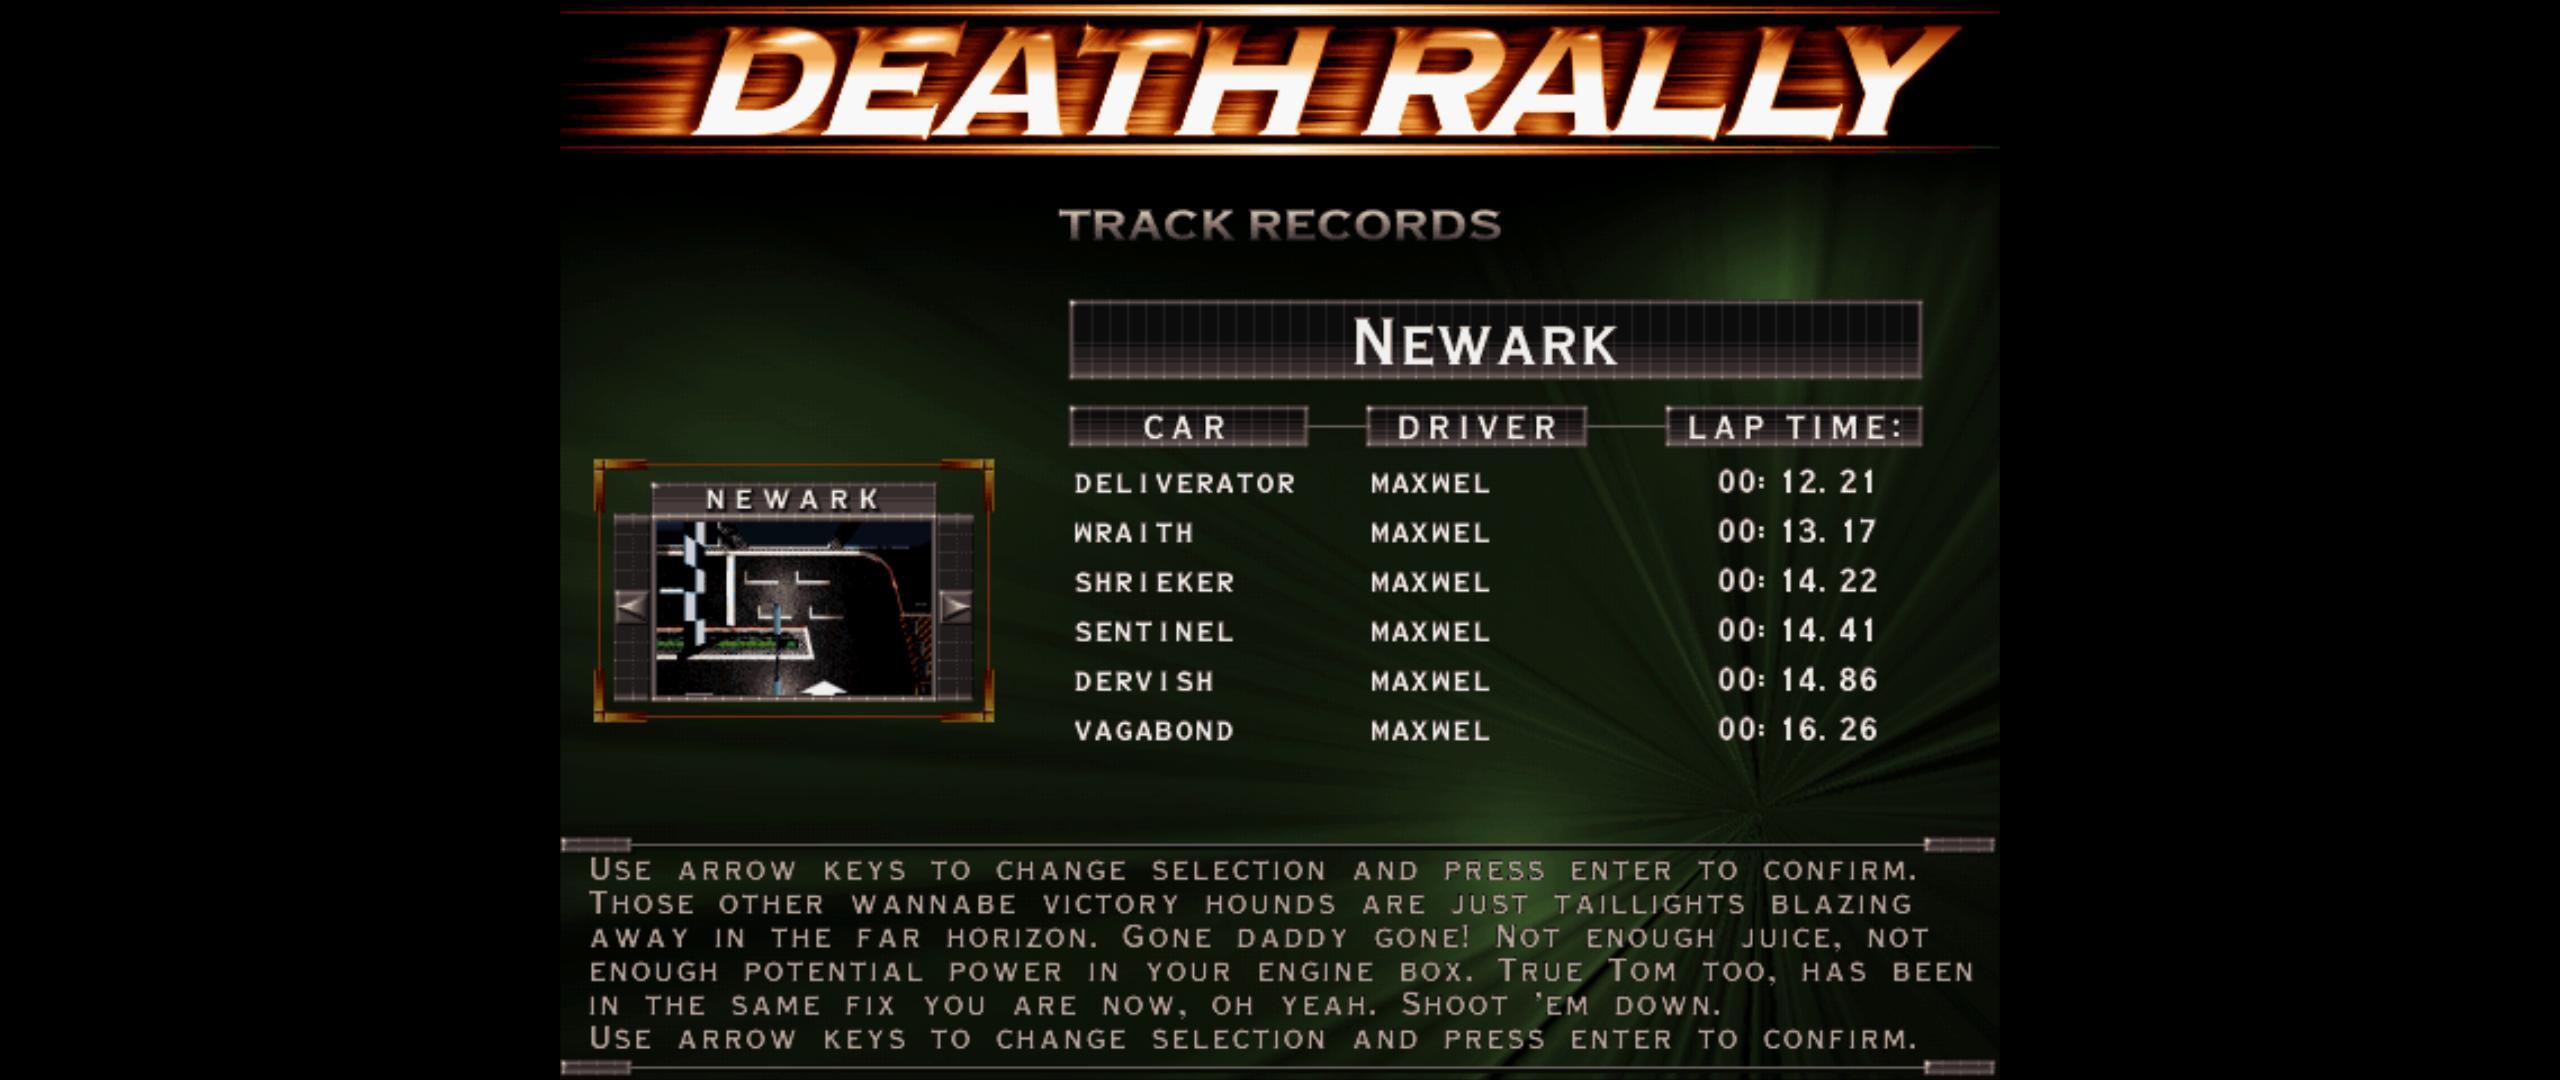 Maxwel: Death Rally [New Ark, Vagabond Car] (PC) 0:00:16.26 points on 2016-03-04 07:58:19